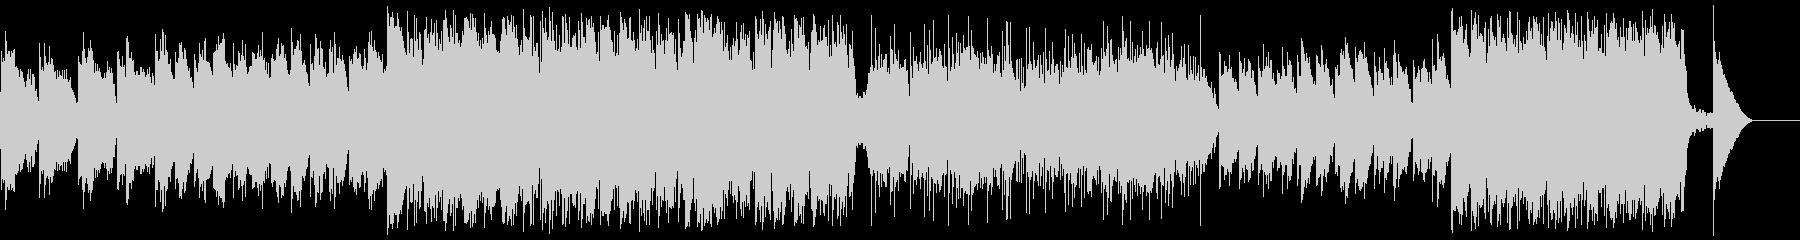 ソフトオリエンタルとヒンドゥーの楽...の未再生の波形